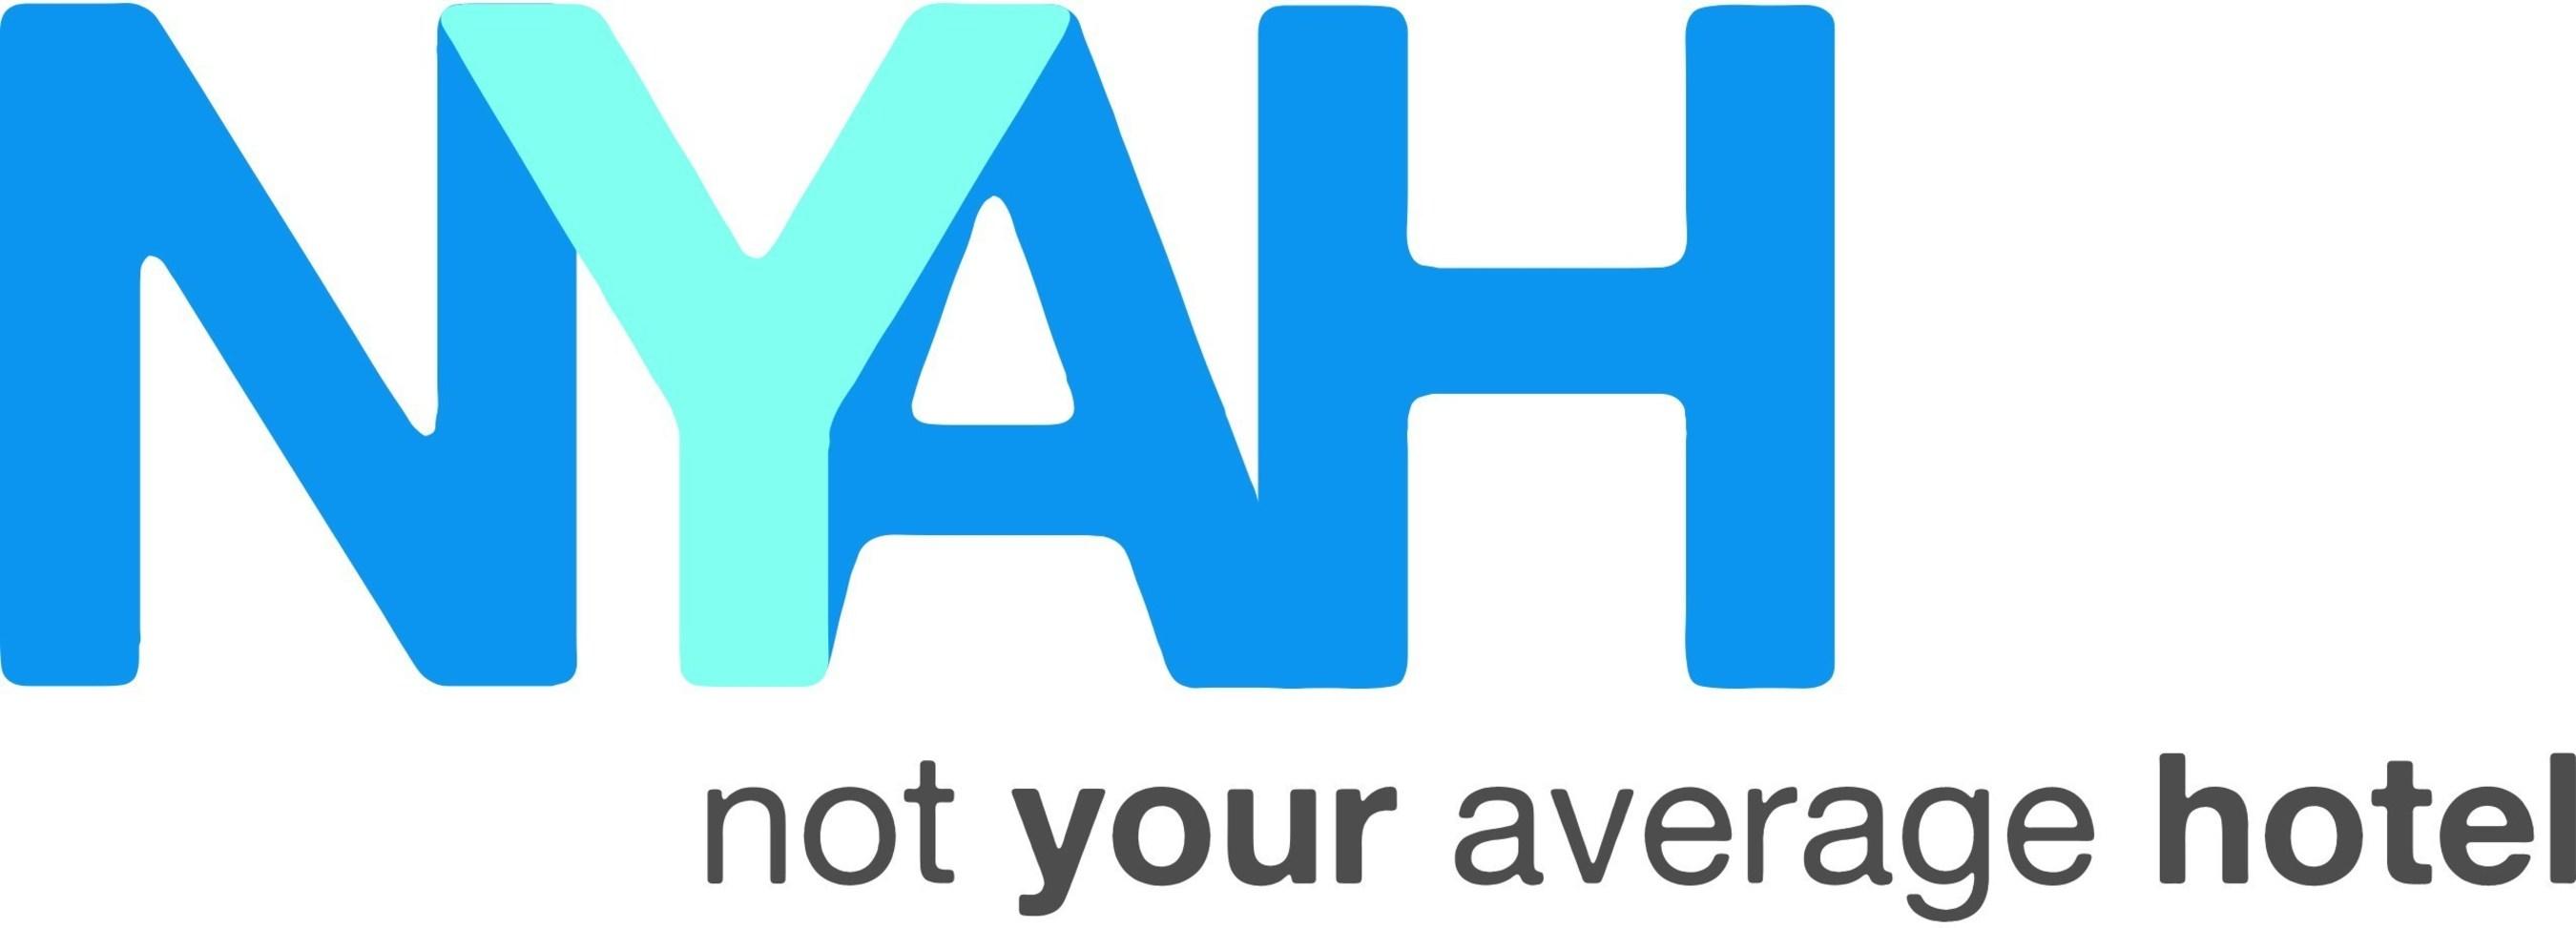 Not Your Average Hotel logo